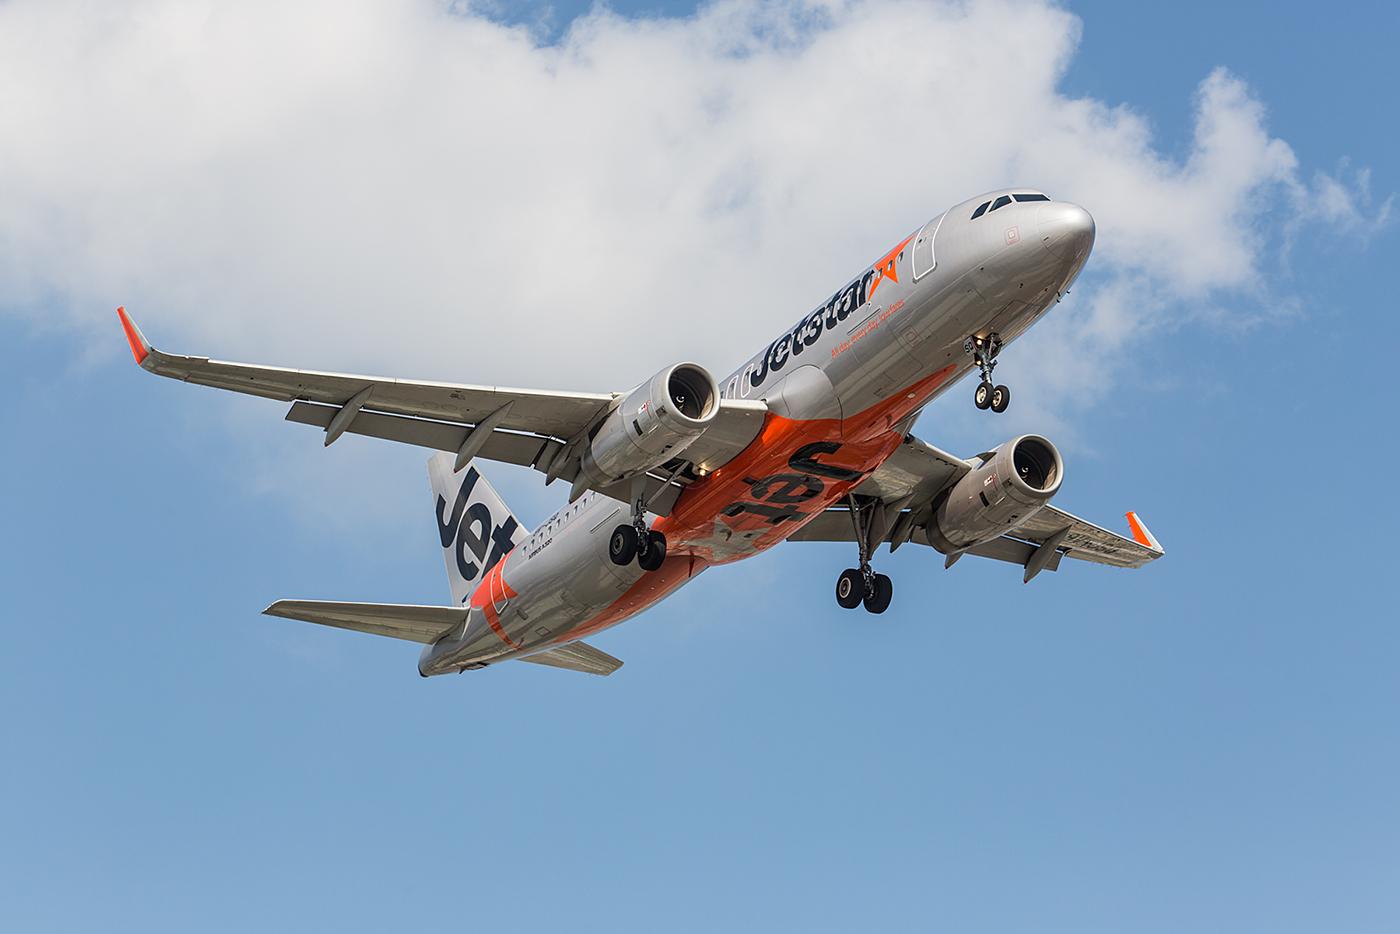 Jetstar A320 aus Singapur. Die Jetstargruppe gehört eigentlich zur australischen Qantas.